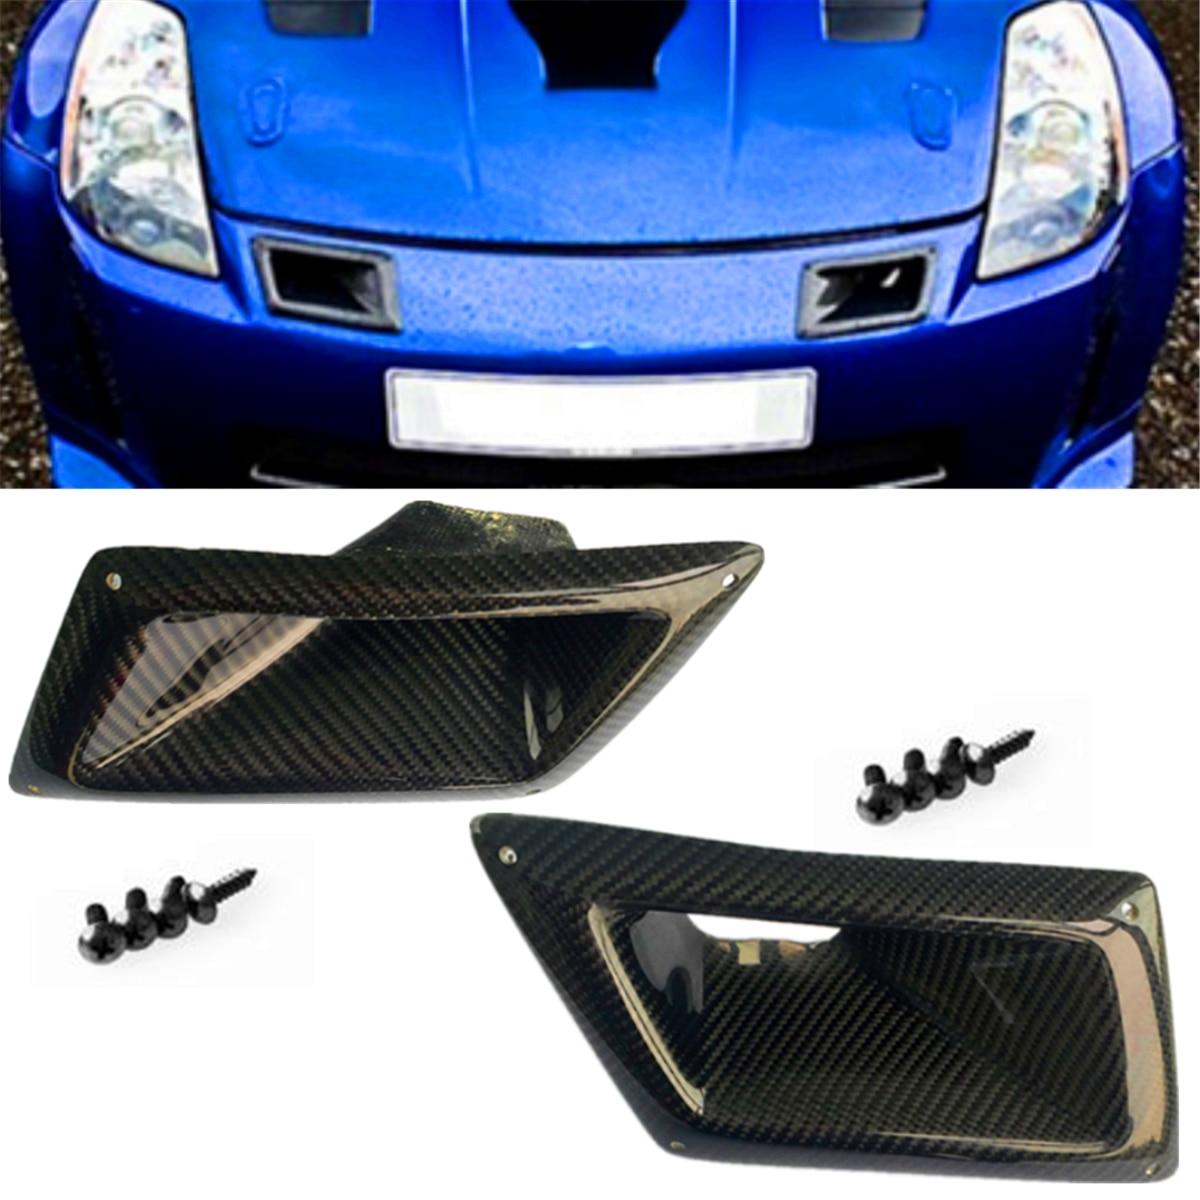 1 пара углеродного волокна переднего бампера воздушные накладки для вентиляционных отверстий отделкой каналы впуска Подходит для Nissan 350Z Z33 ...